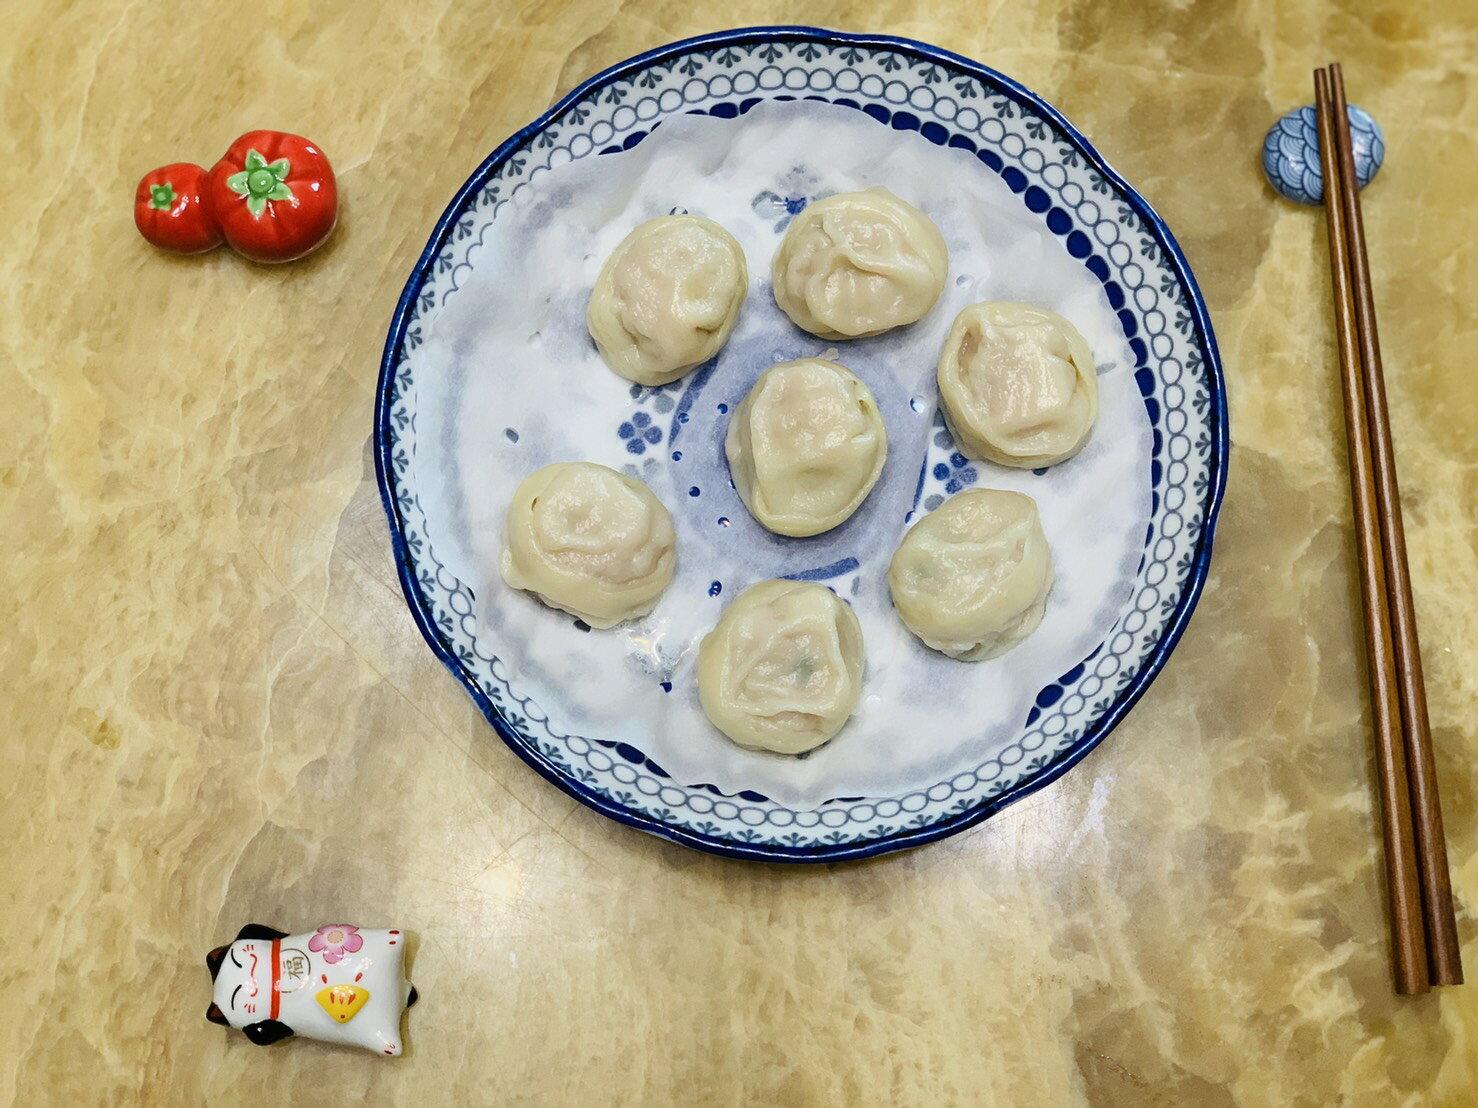 六品閣 北海道干貝蒸餃(一袋24入) 7